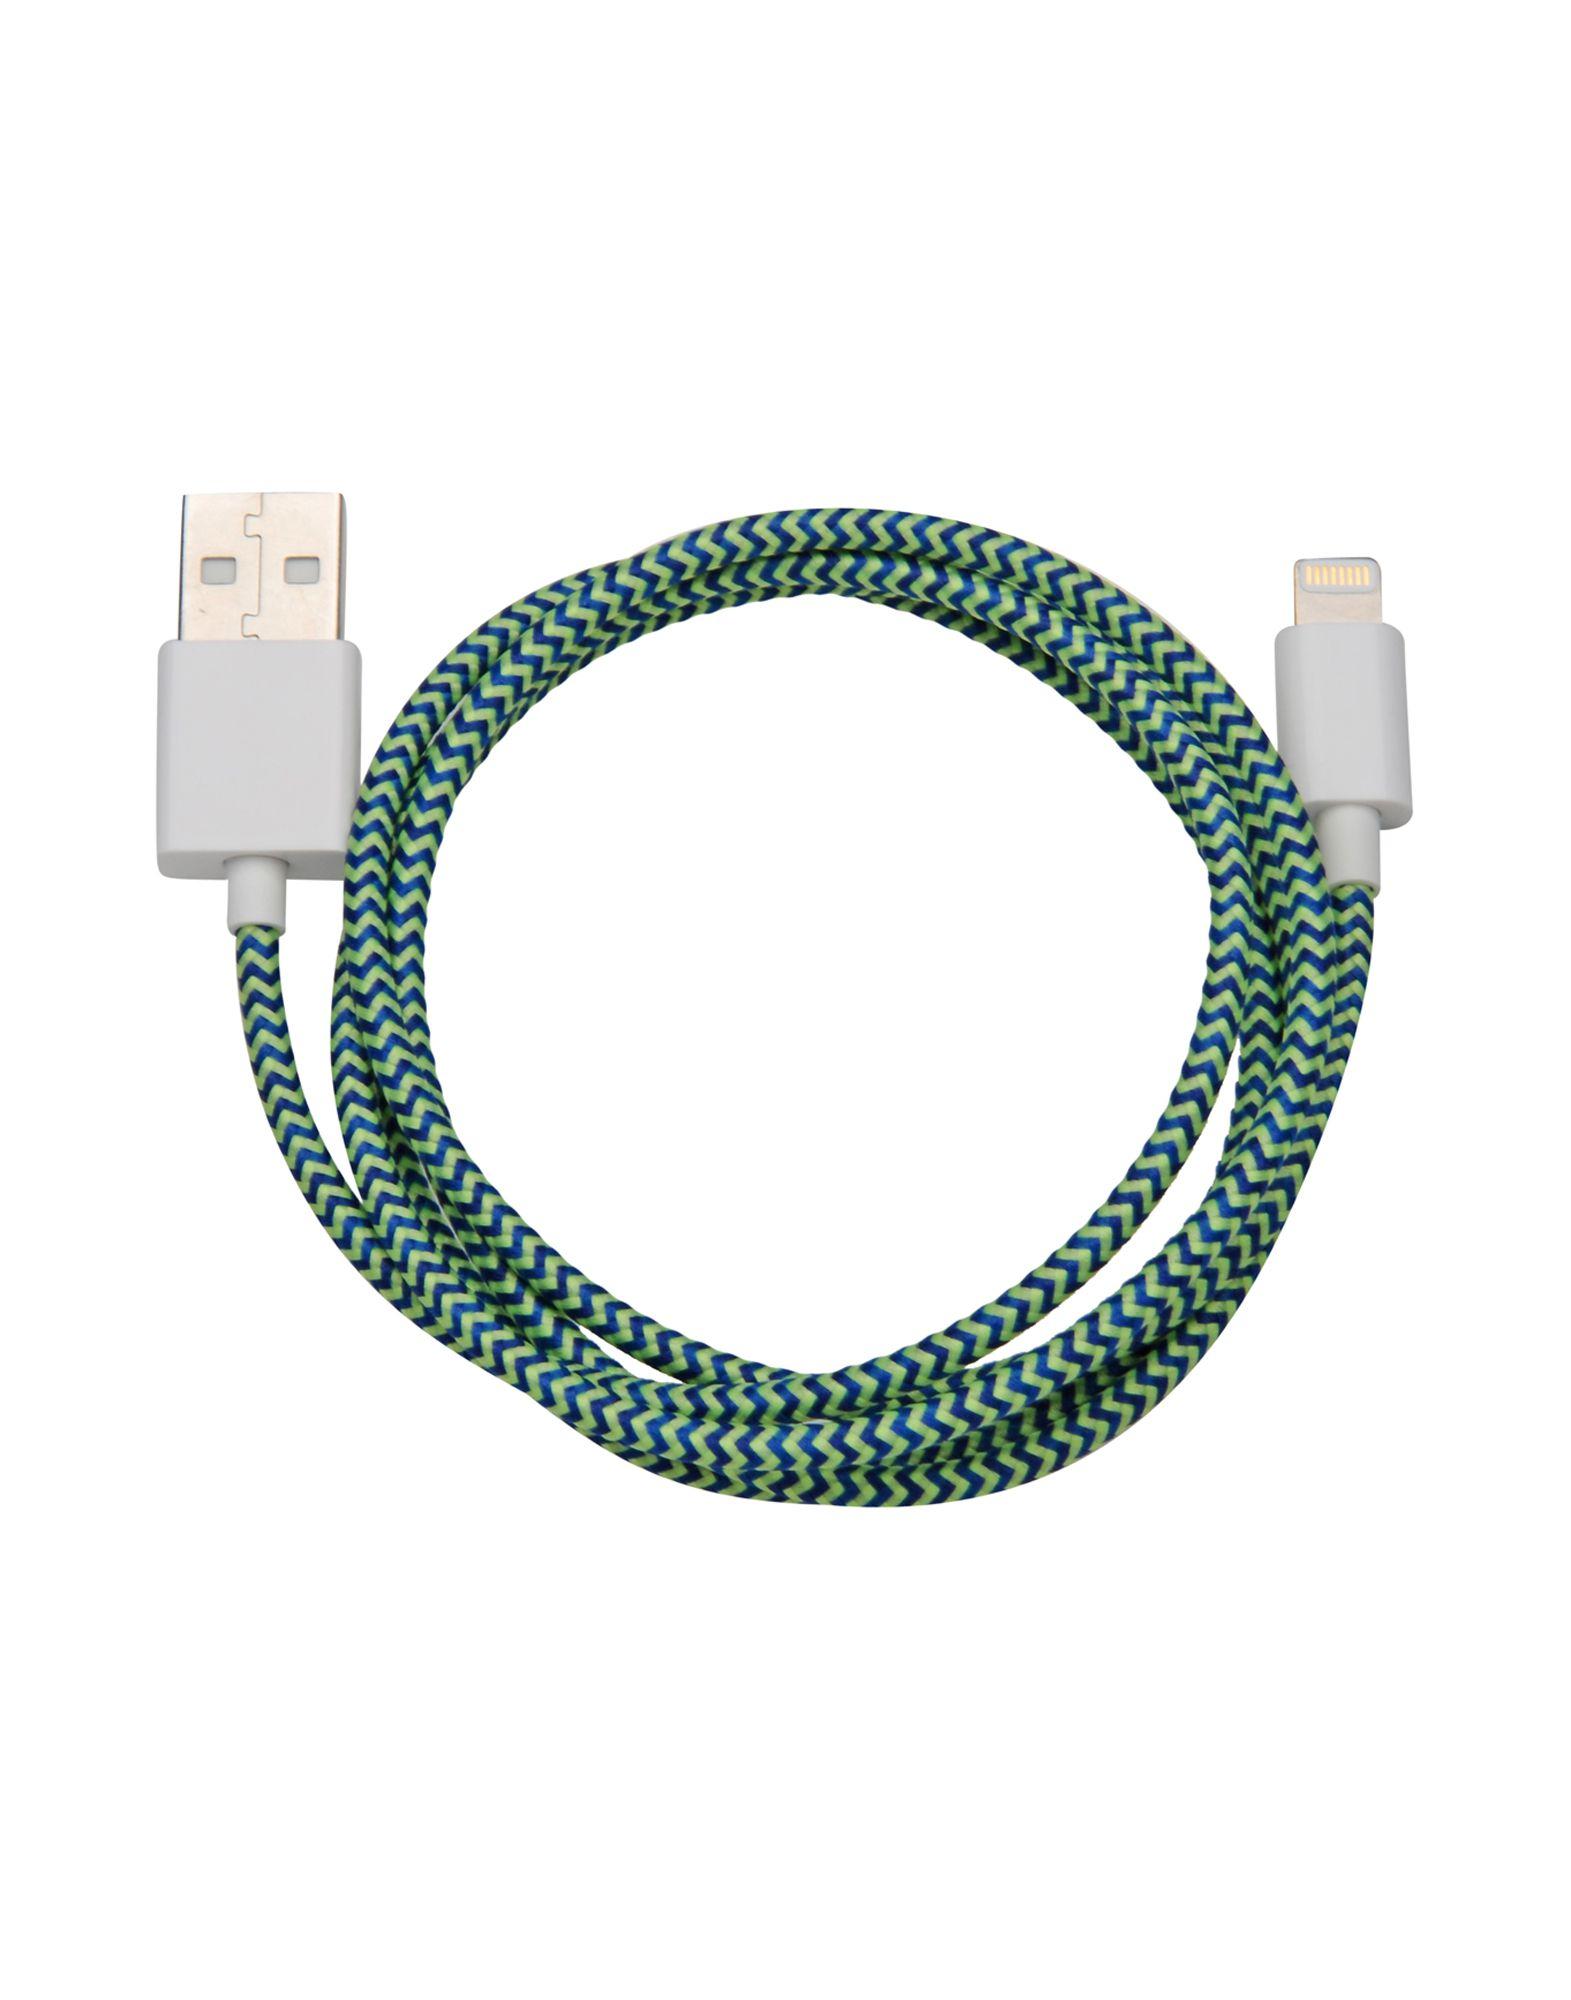 'Le Cord Hi-tech Accessories